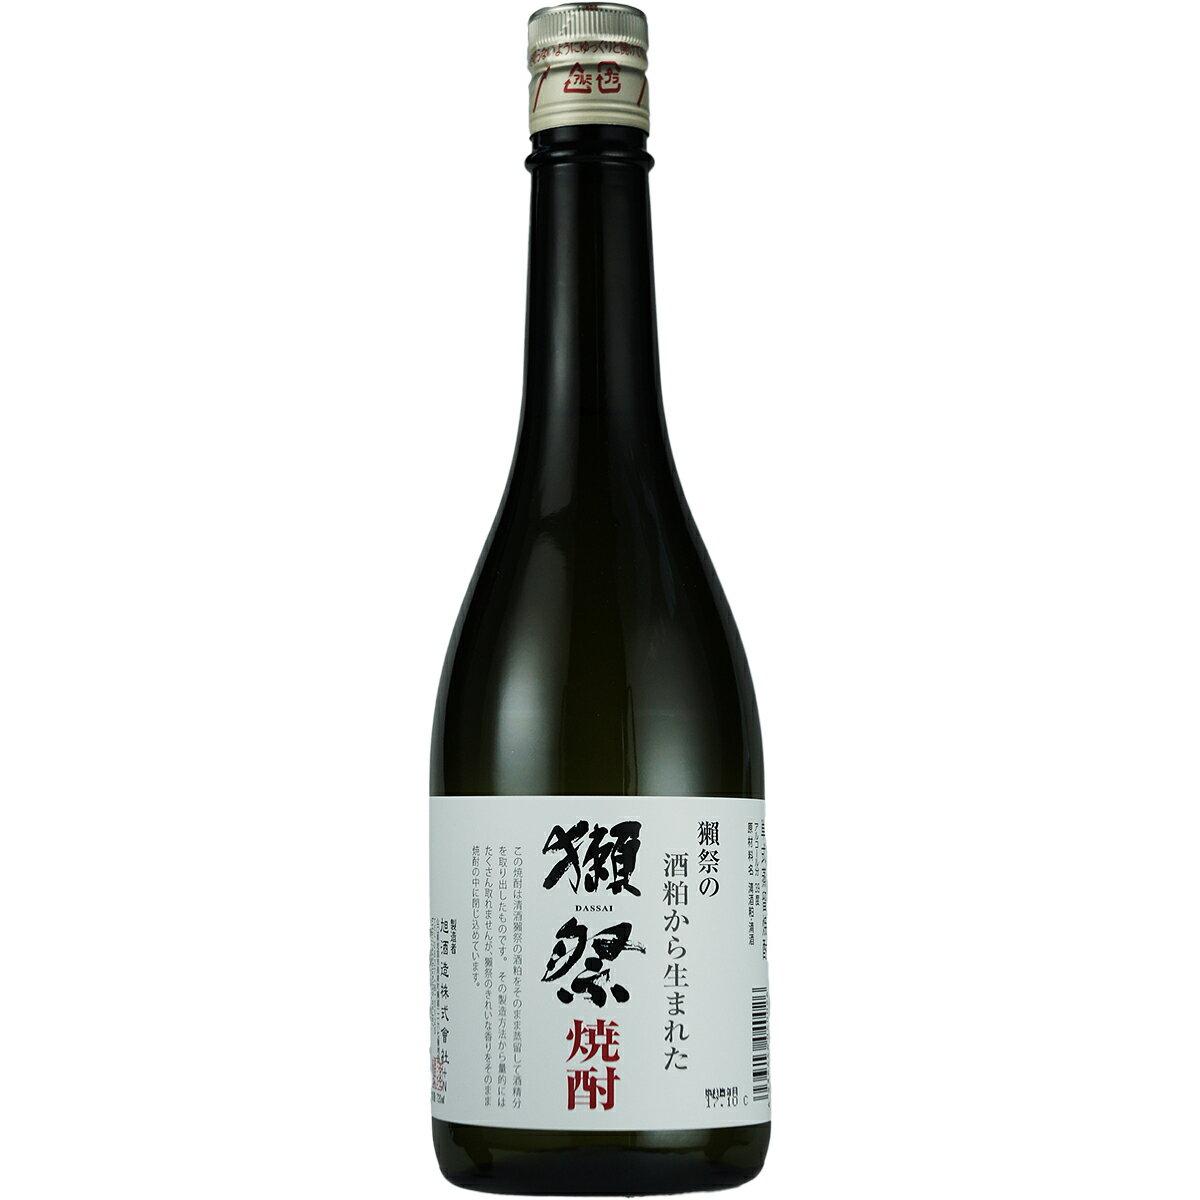 獺祭(だっさい) 焼酎 720ml【旭酒造】【山口県】